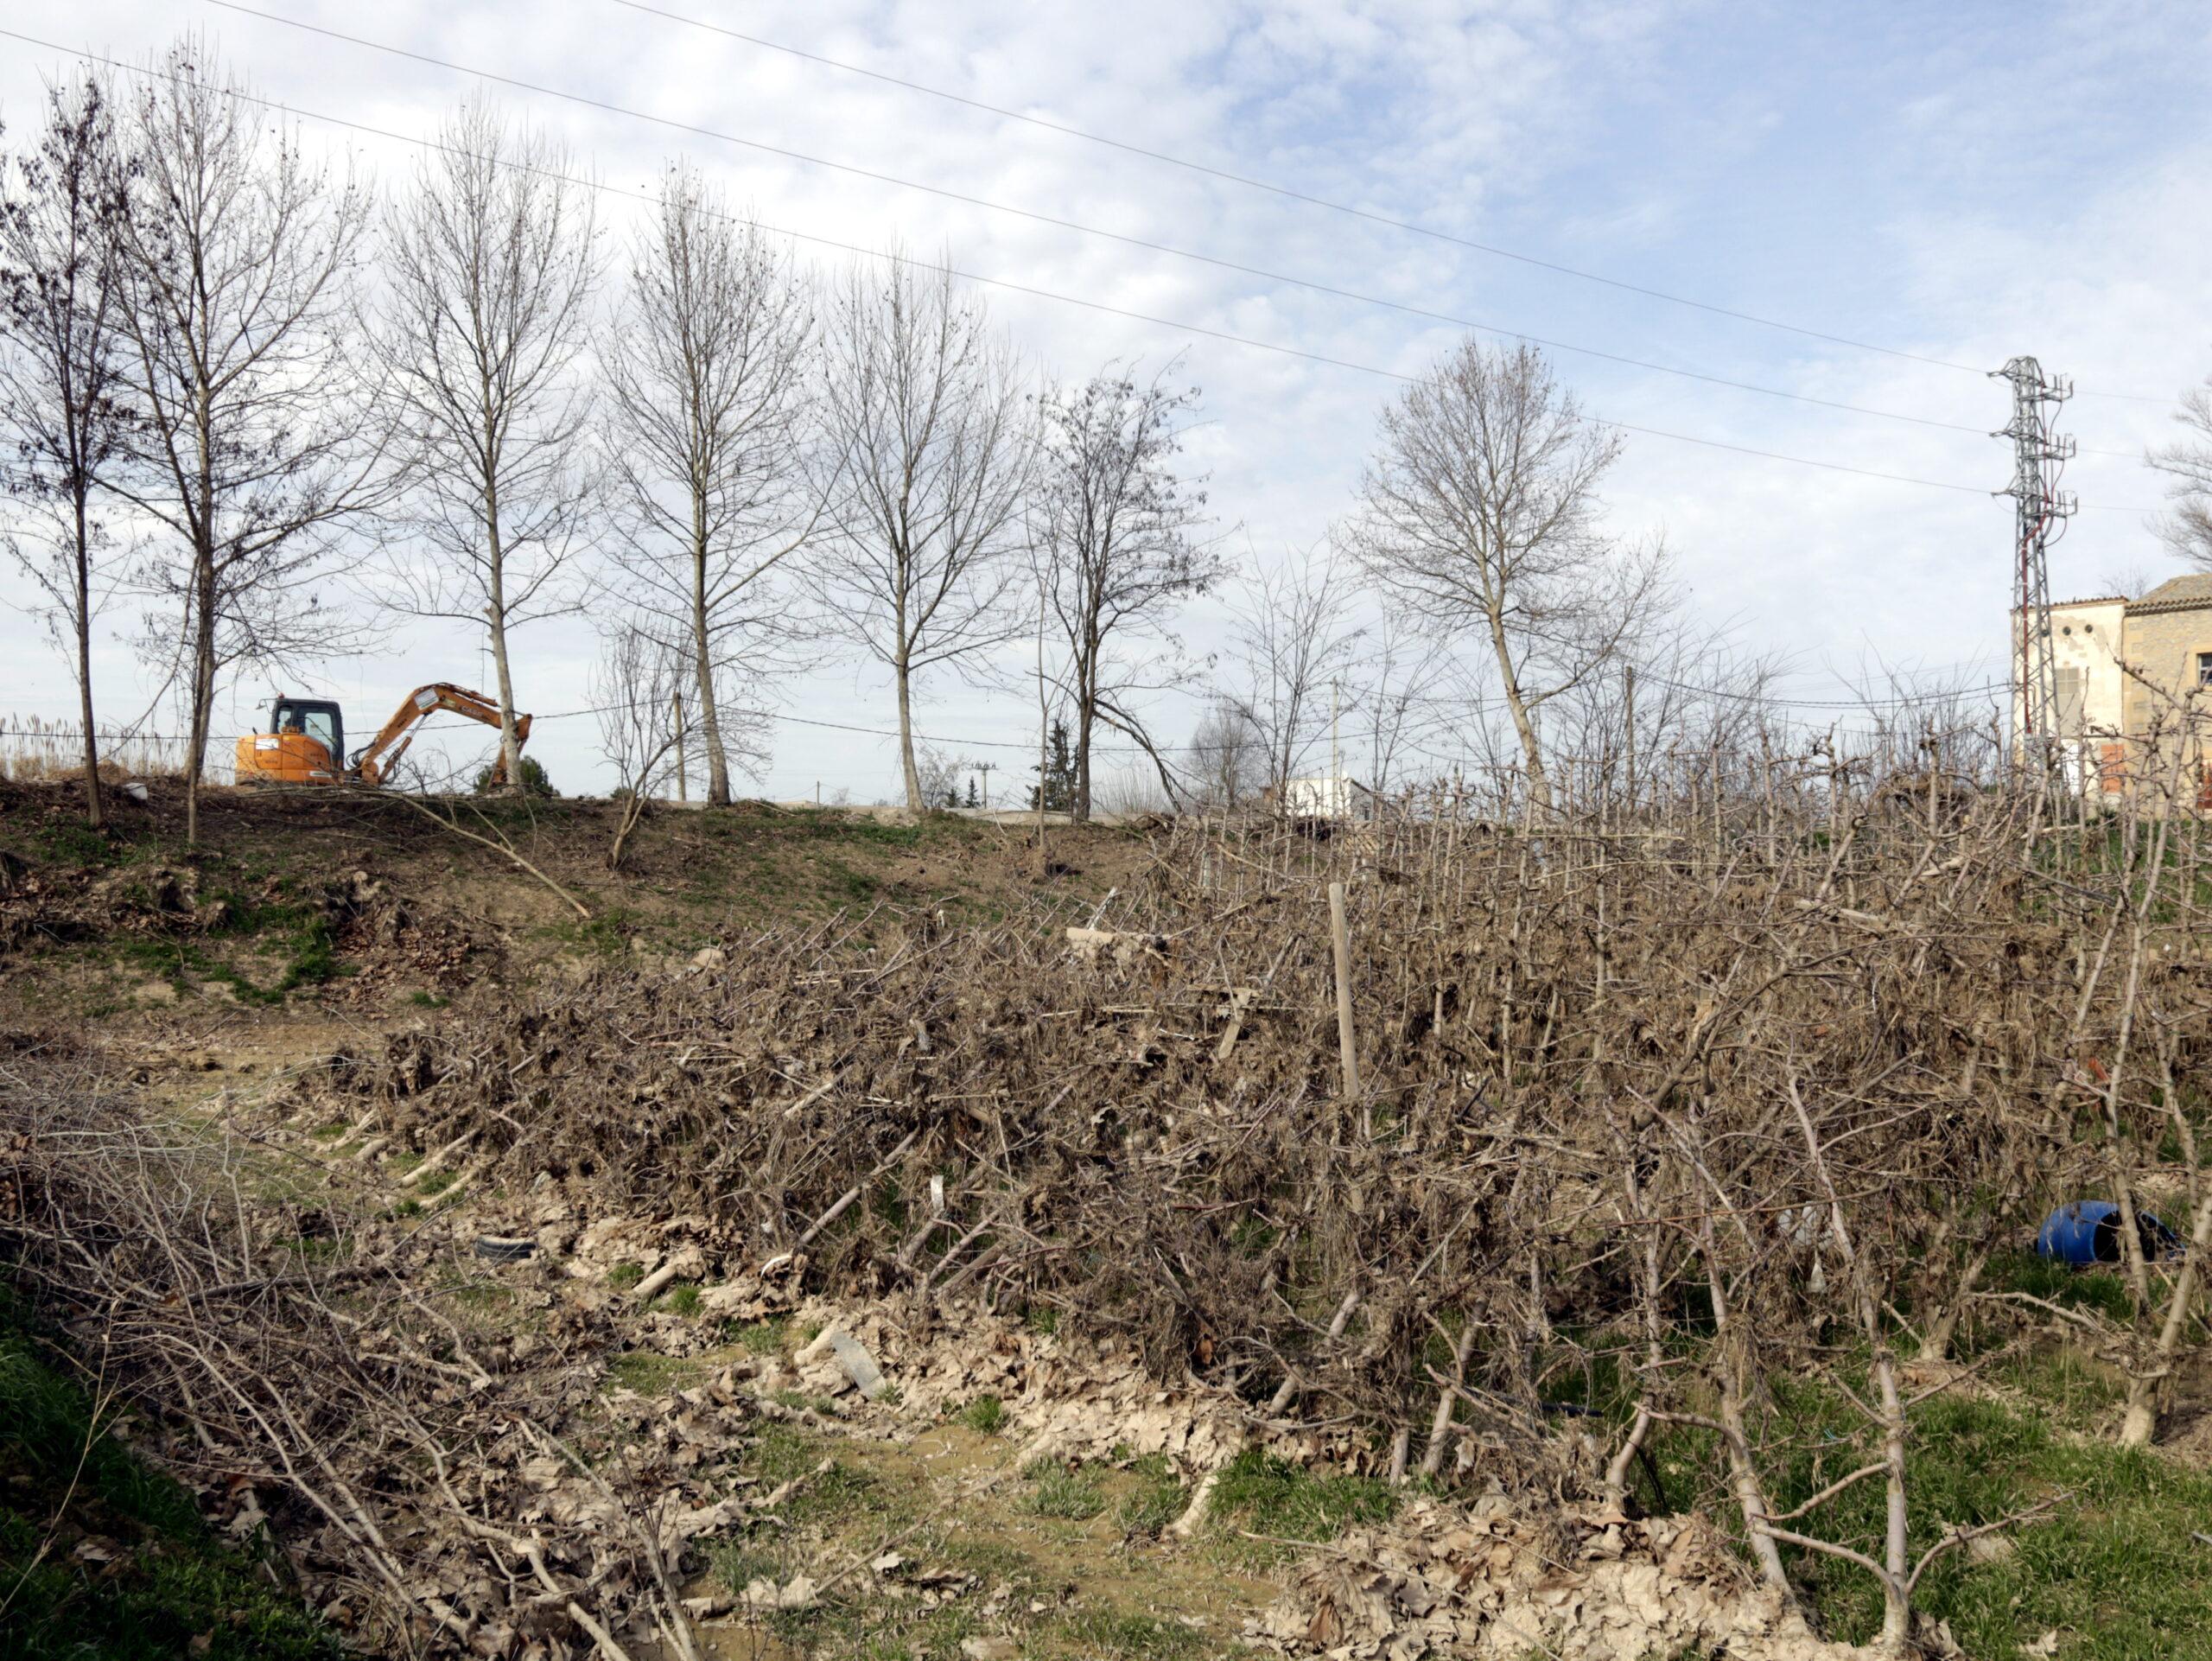 Pla obert on es veu part d'un camp amb arbres fruiters que han quedat greument afectats pels aiguats i, al fons, un tram del Canal Principal a Les Borges Blanques, el 7 de febrer de 2020. (Horitzontal)